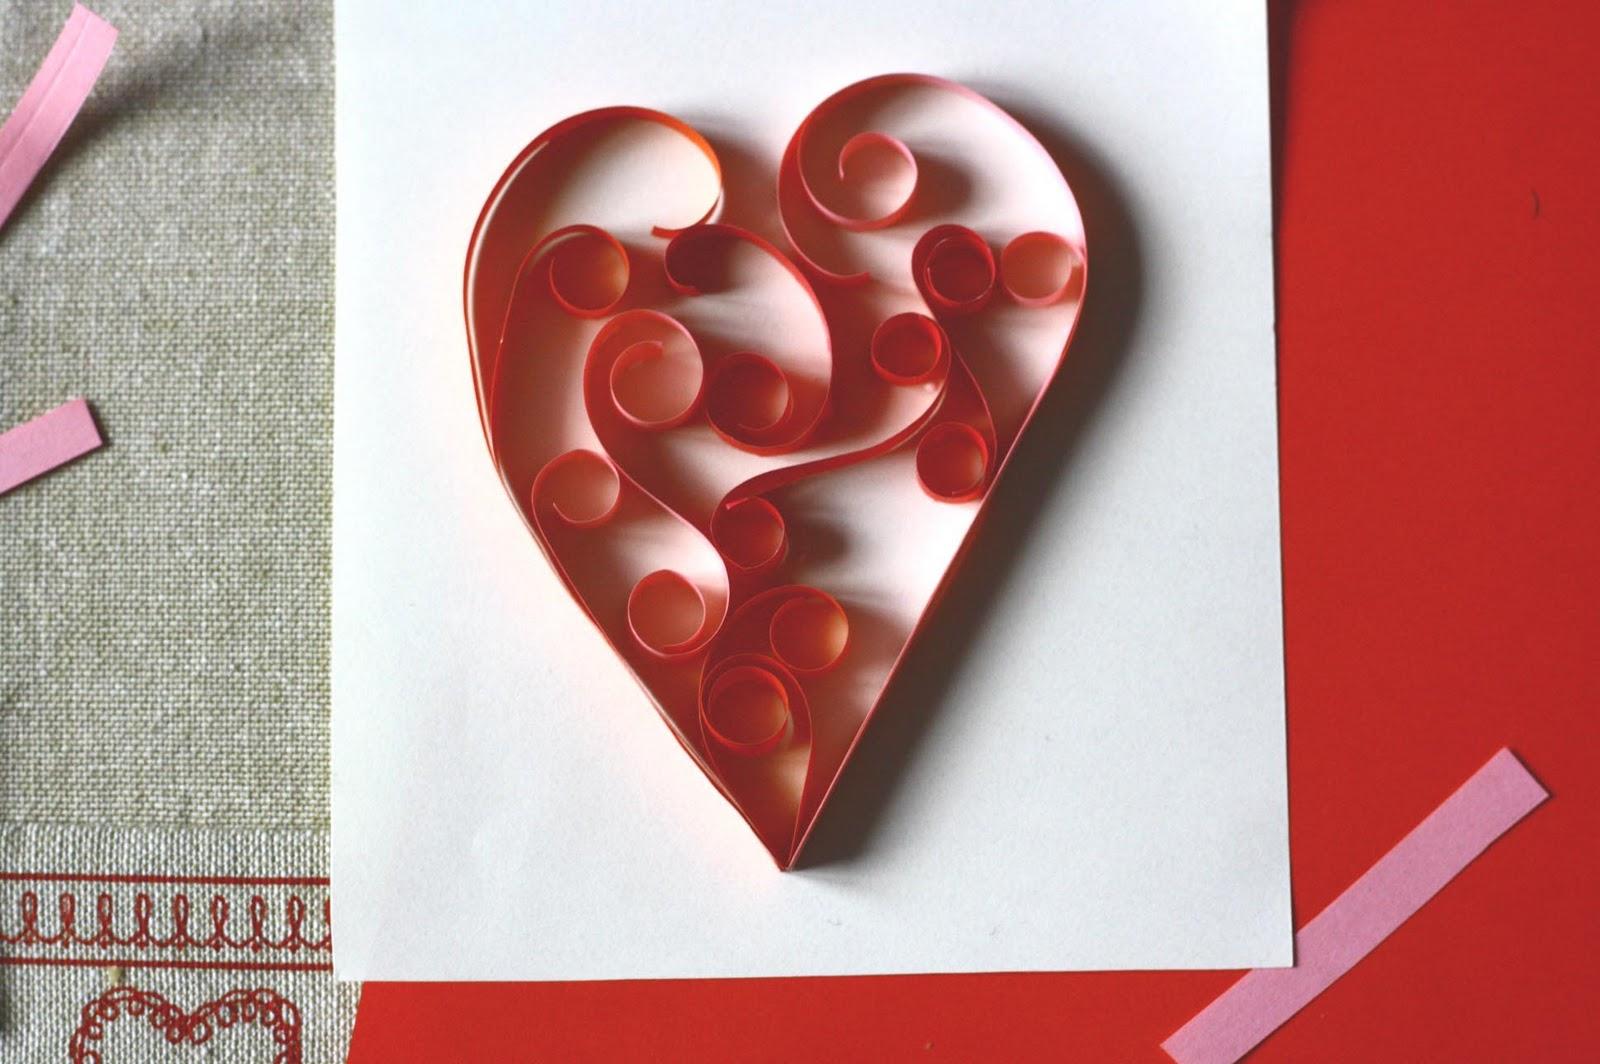 Валентинки из бумаги своими руками: мастер-класс для детей с шаблонами